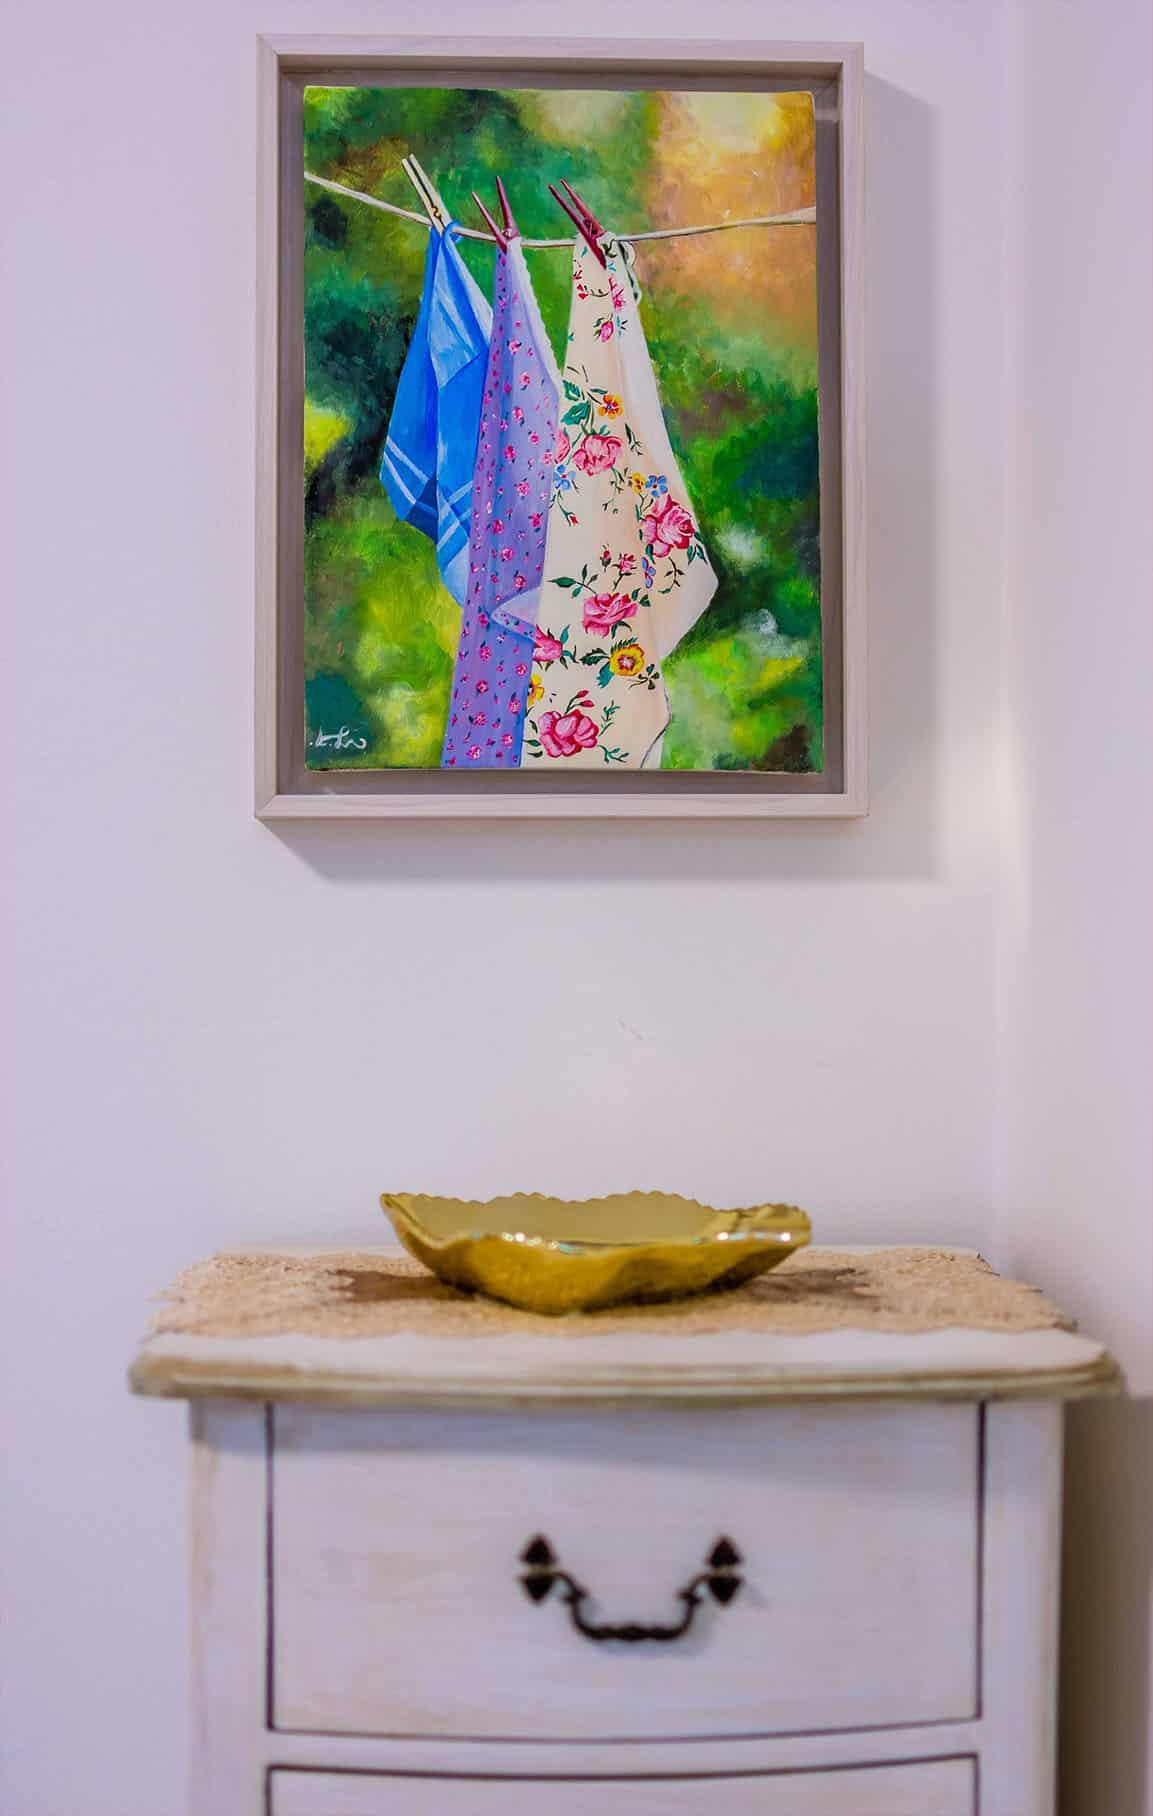 תמונה תלויה על קיר מעל שידת עץ לבנה בחדר שינה - עיצוב פנים, שירית דרמן